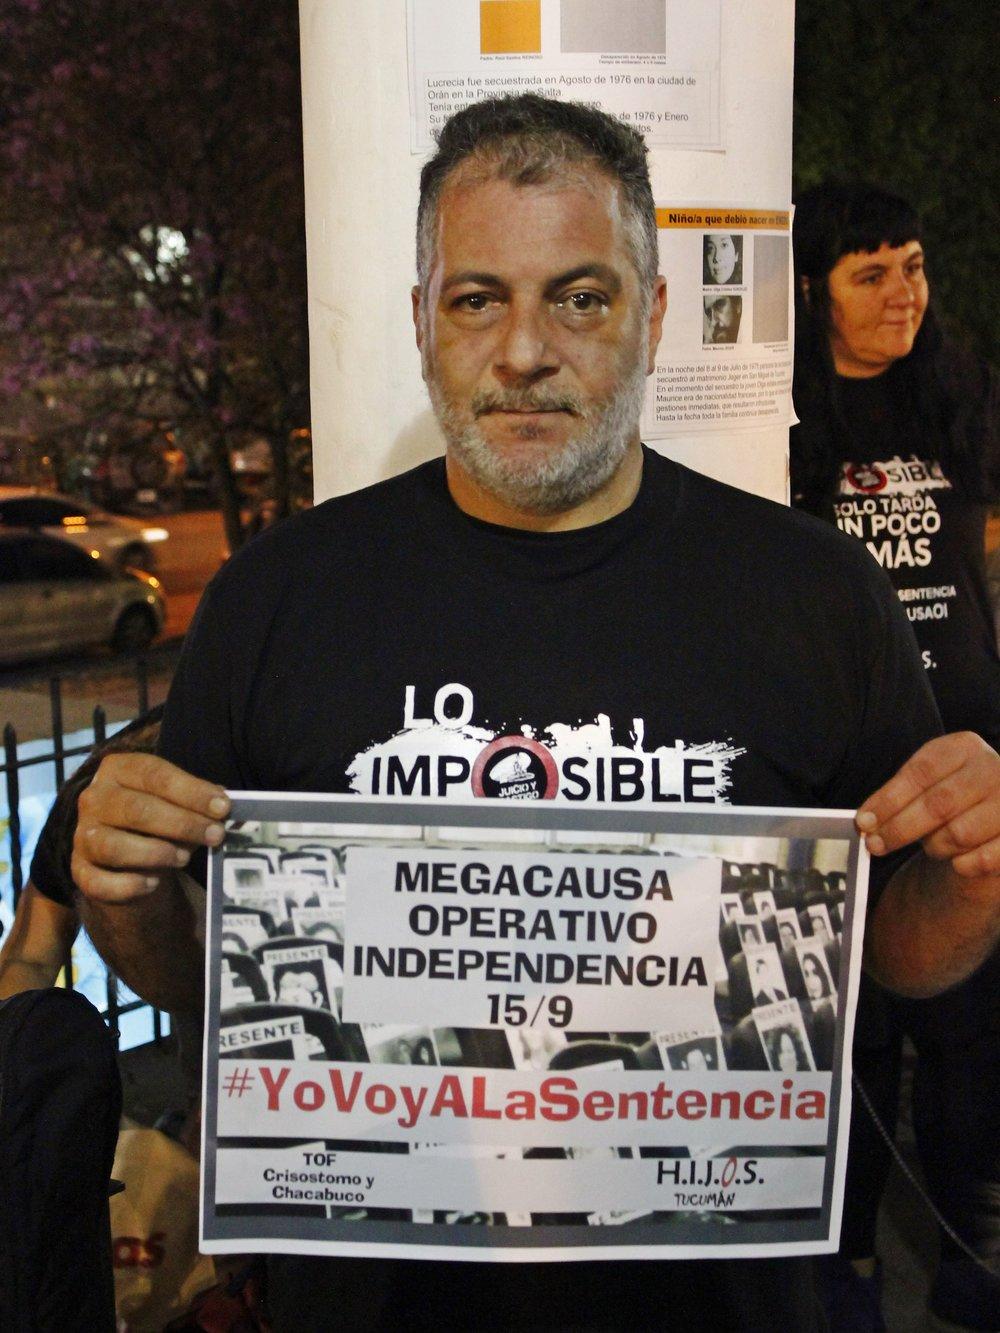 festival-yo-voy-a-la-sentencia-operativo-independencia (18).JPG